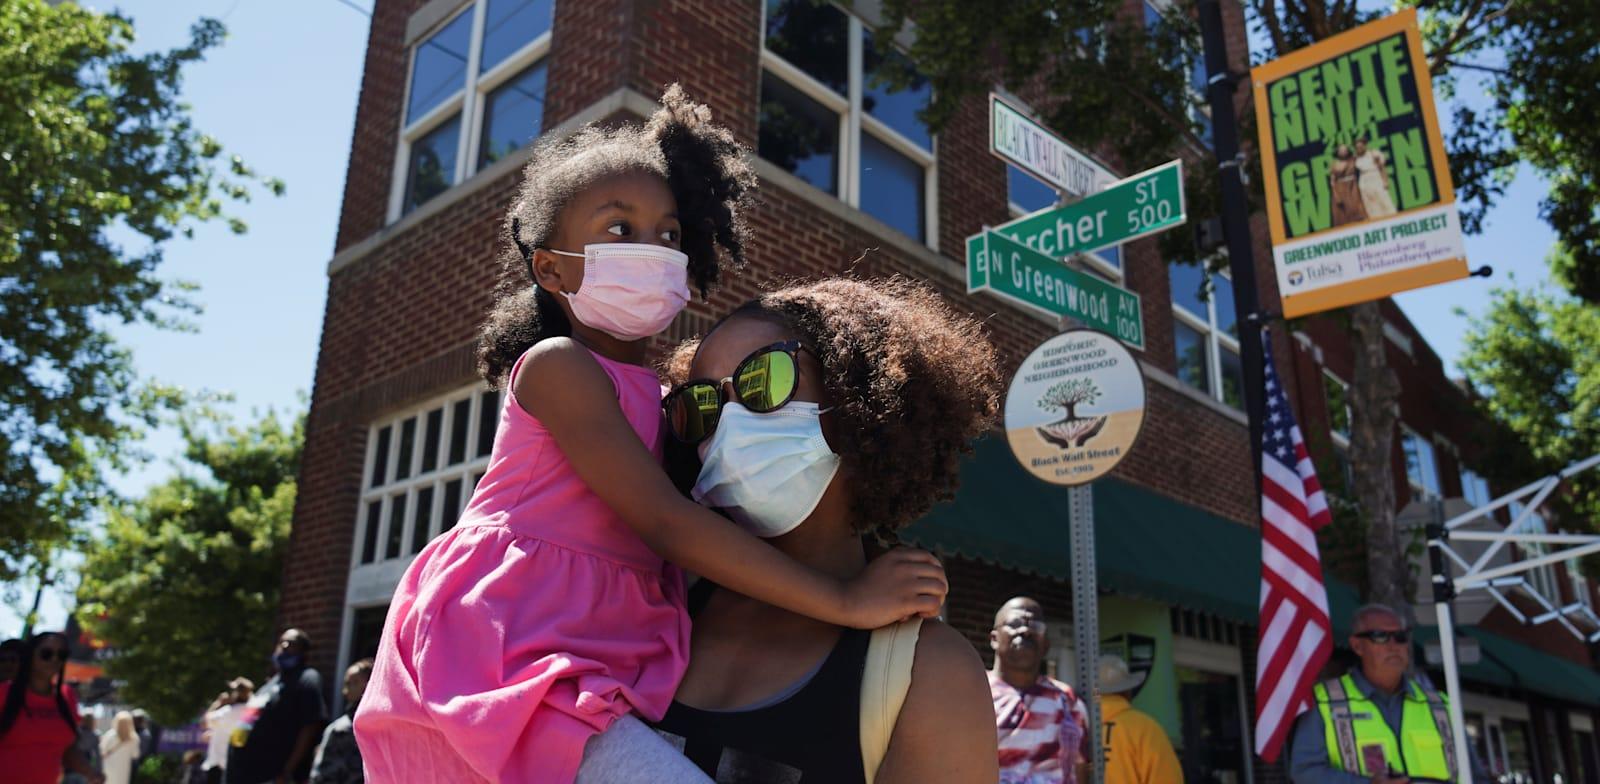 """אם ובתה עומדות ברחוב גרינווד לציון 100 שנה לטבח בטולסה, אירוע שגרם לפערי ענק בין החברה הלבנה לבין החברה השחורה בארה""""ב / צילום: Associated Press"""